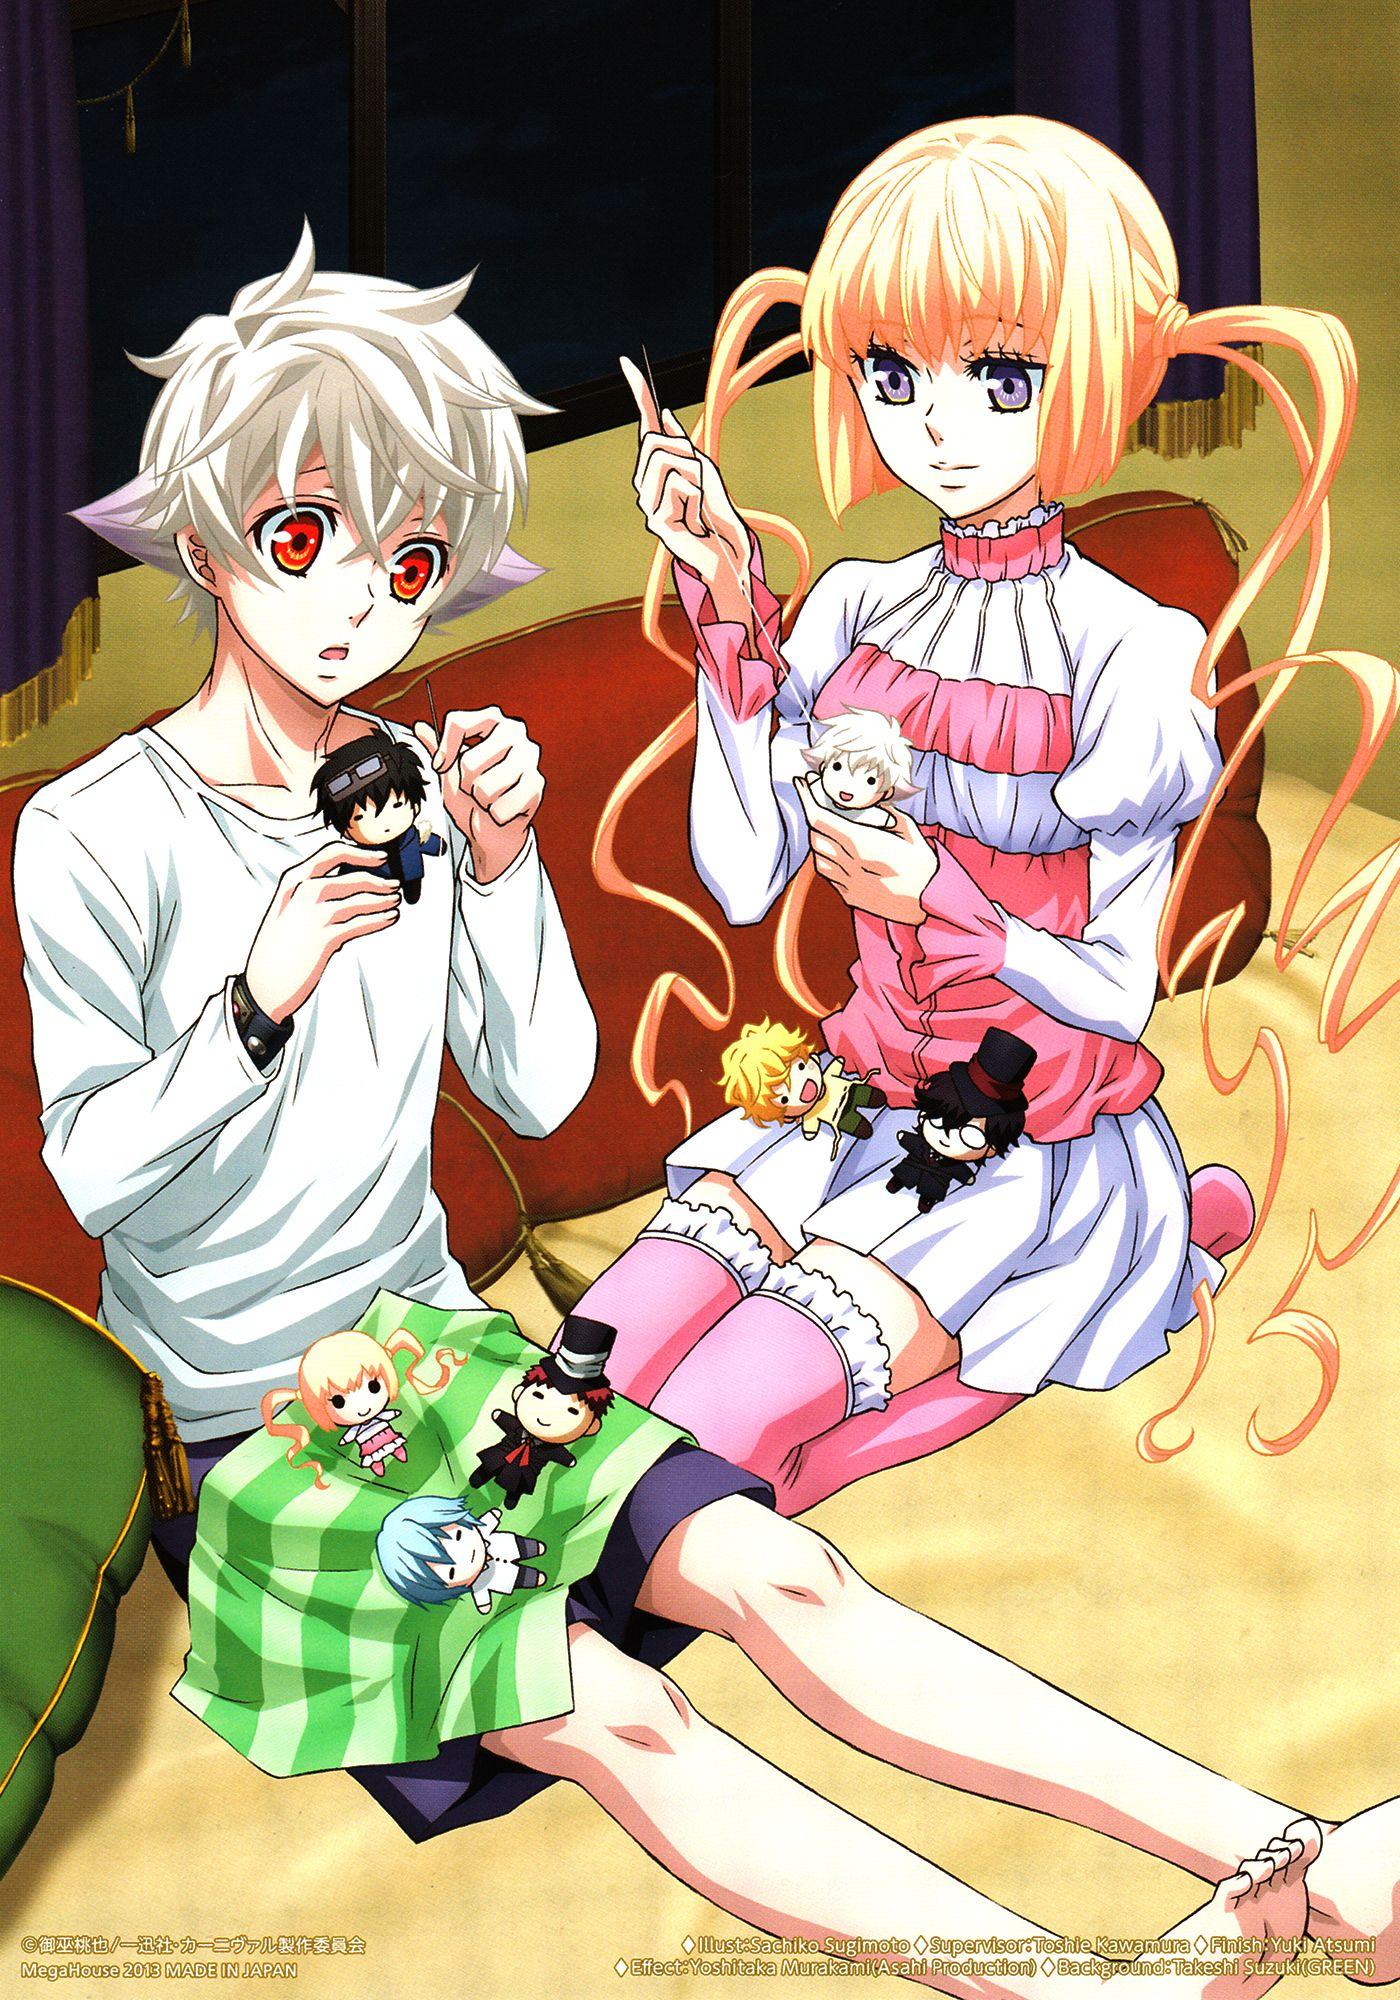 Nai and Tsukumo, Karneval | Anime | Pinterest